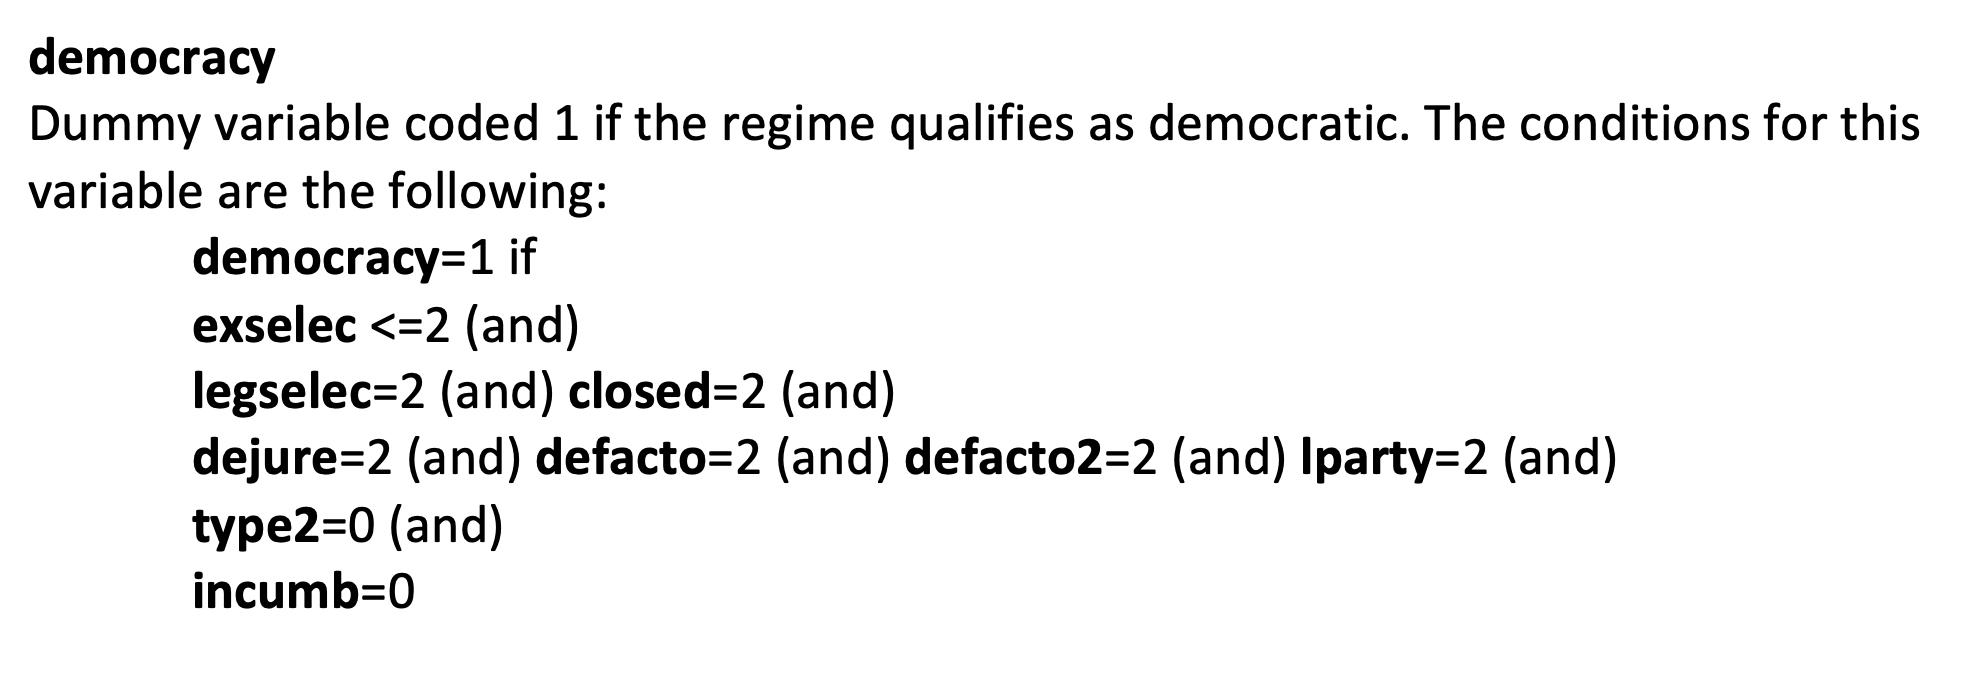 Condicions de democràcia de la DD dataset